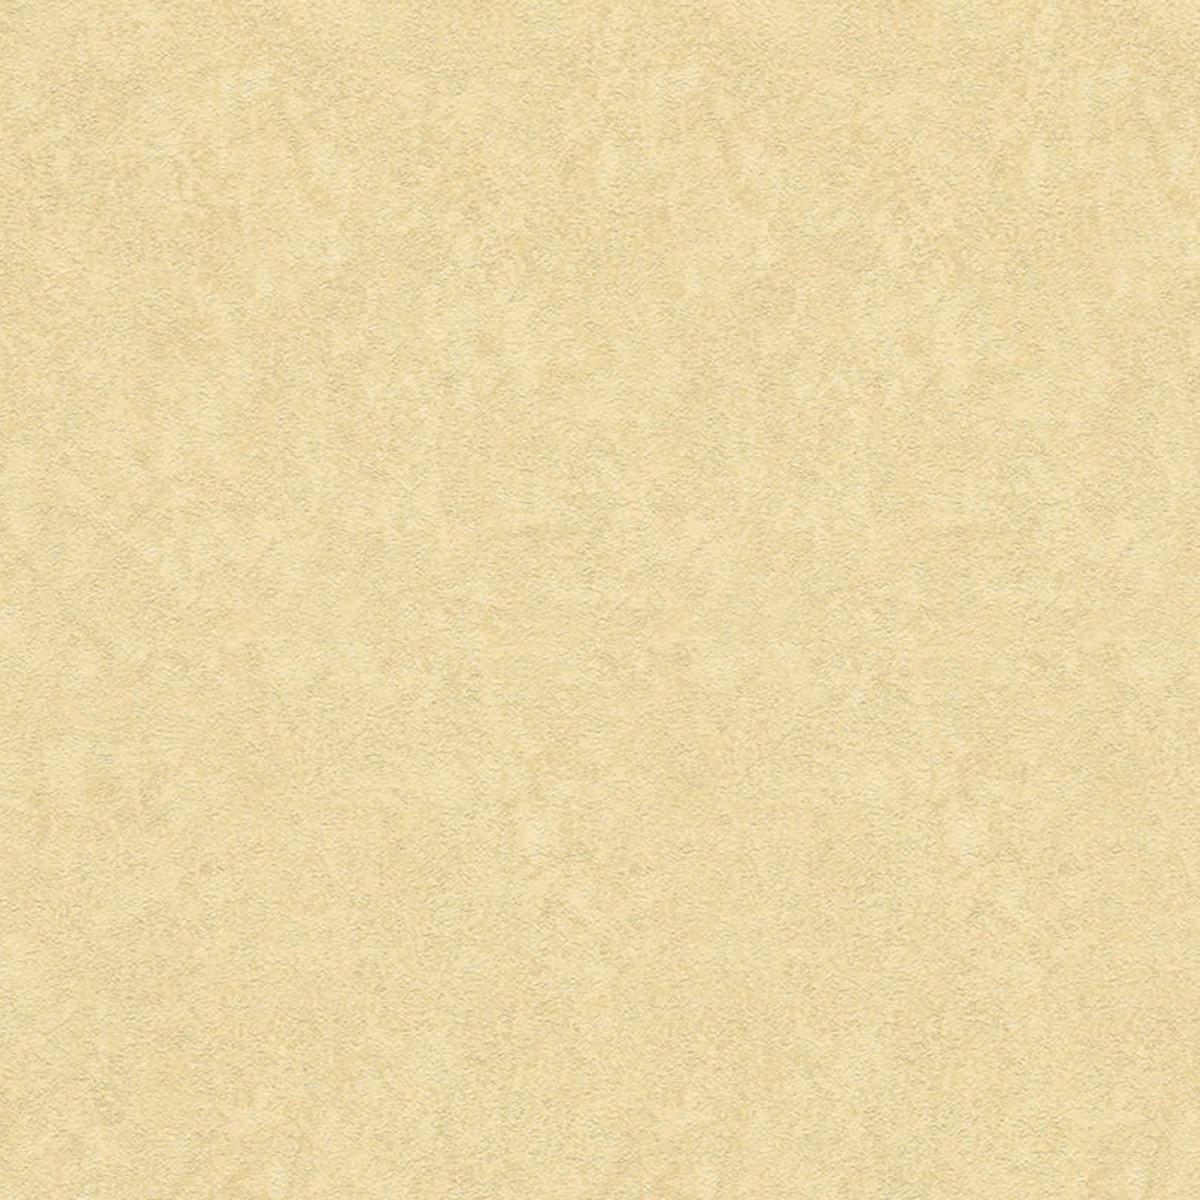 Обои флизелиновые A.S. Creation Versace бежевые 0.53 м 93582-1